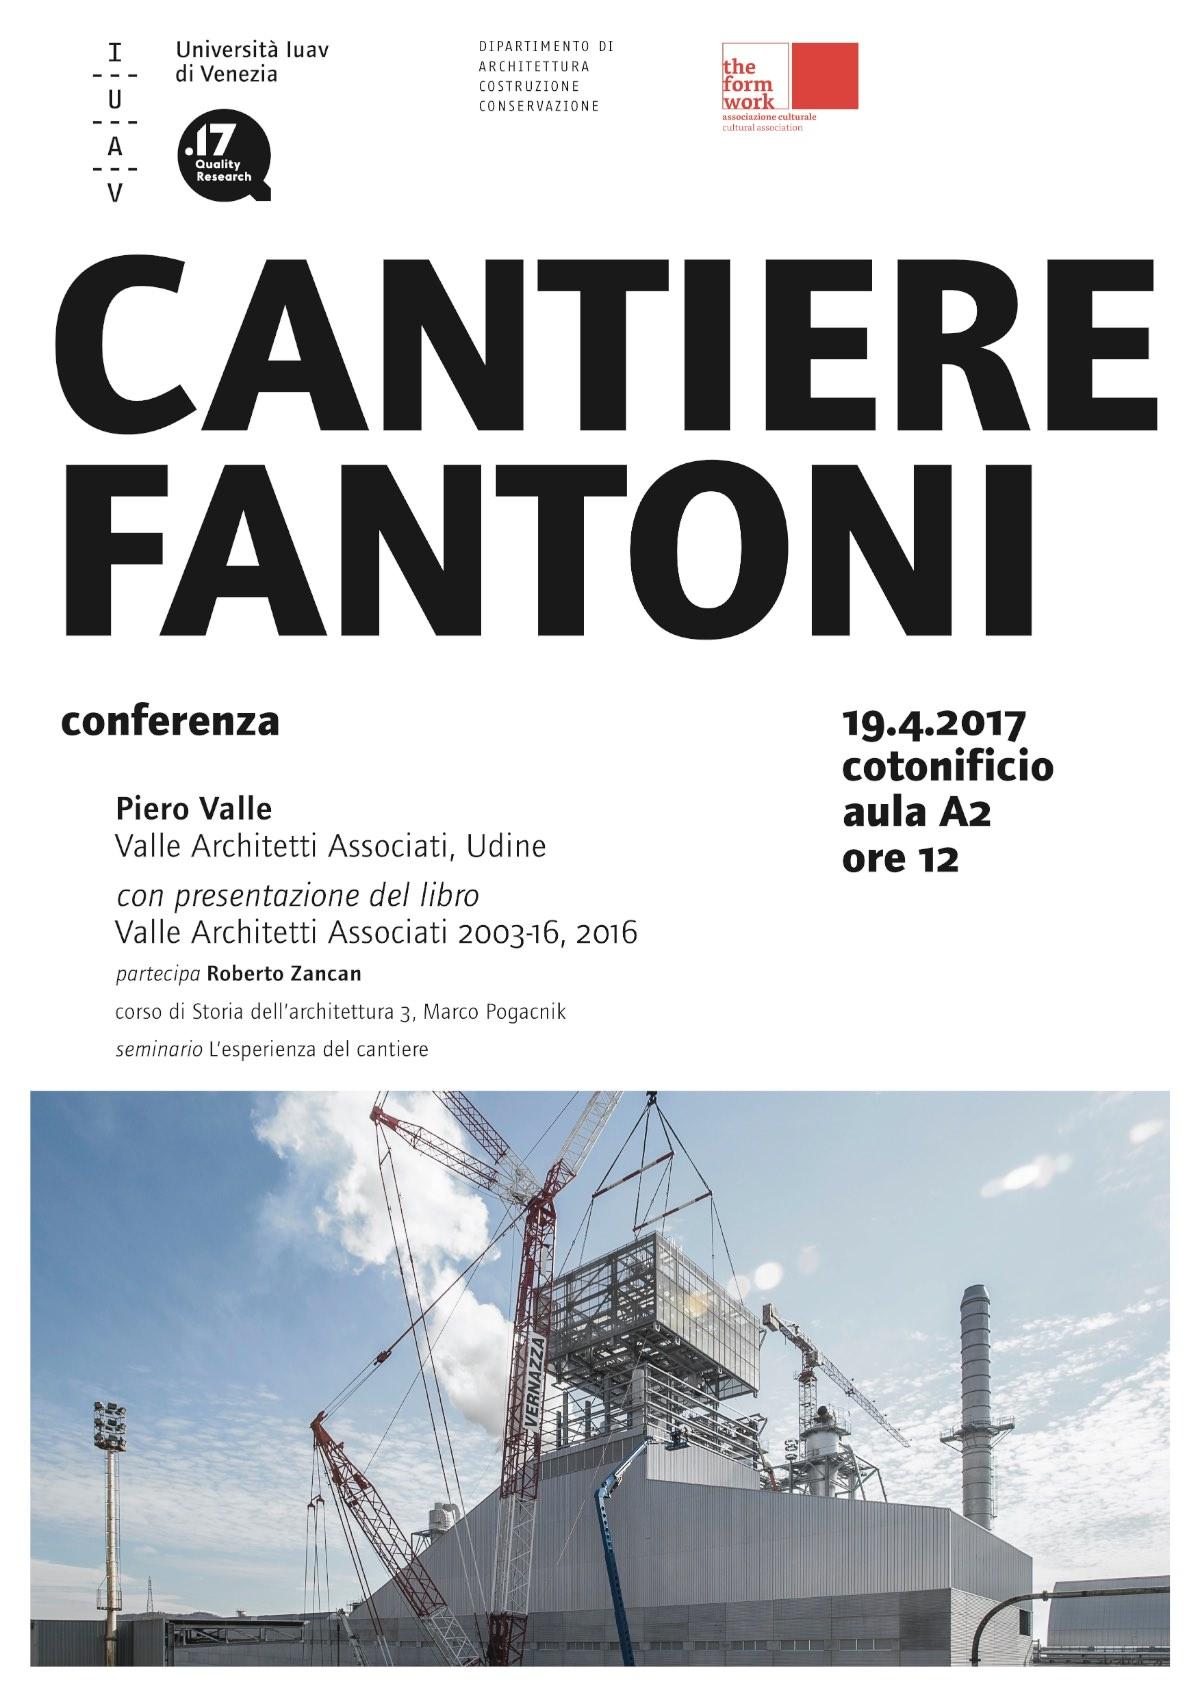 Cantiere-fantoni_19-aprile-2017